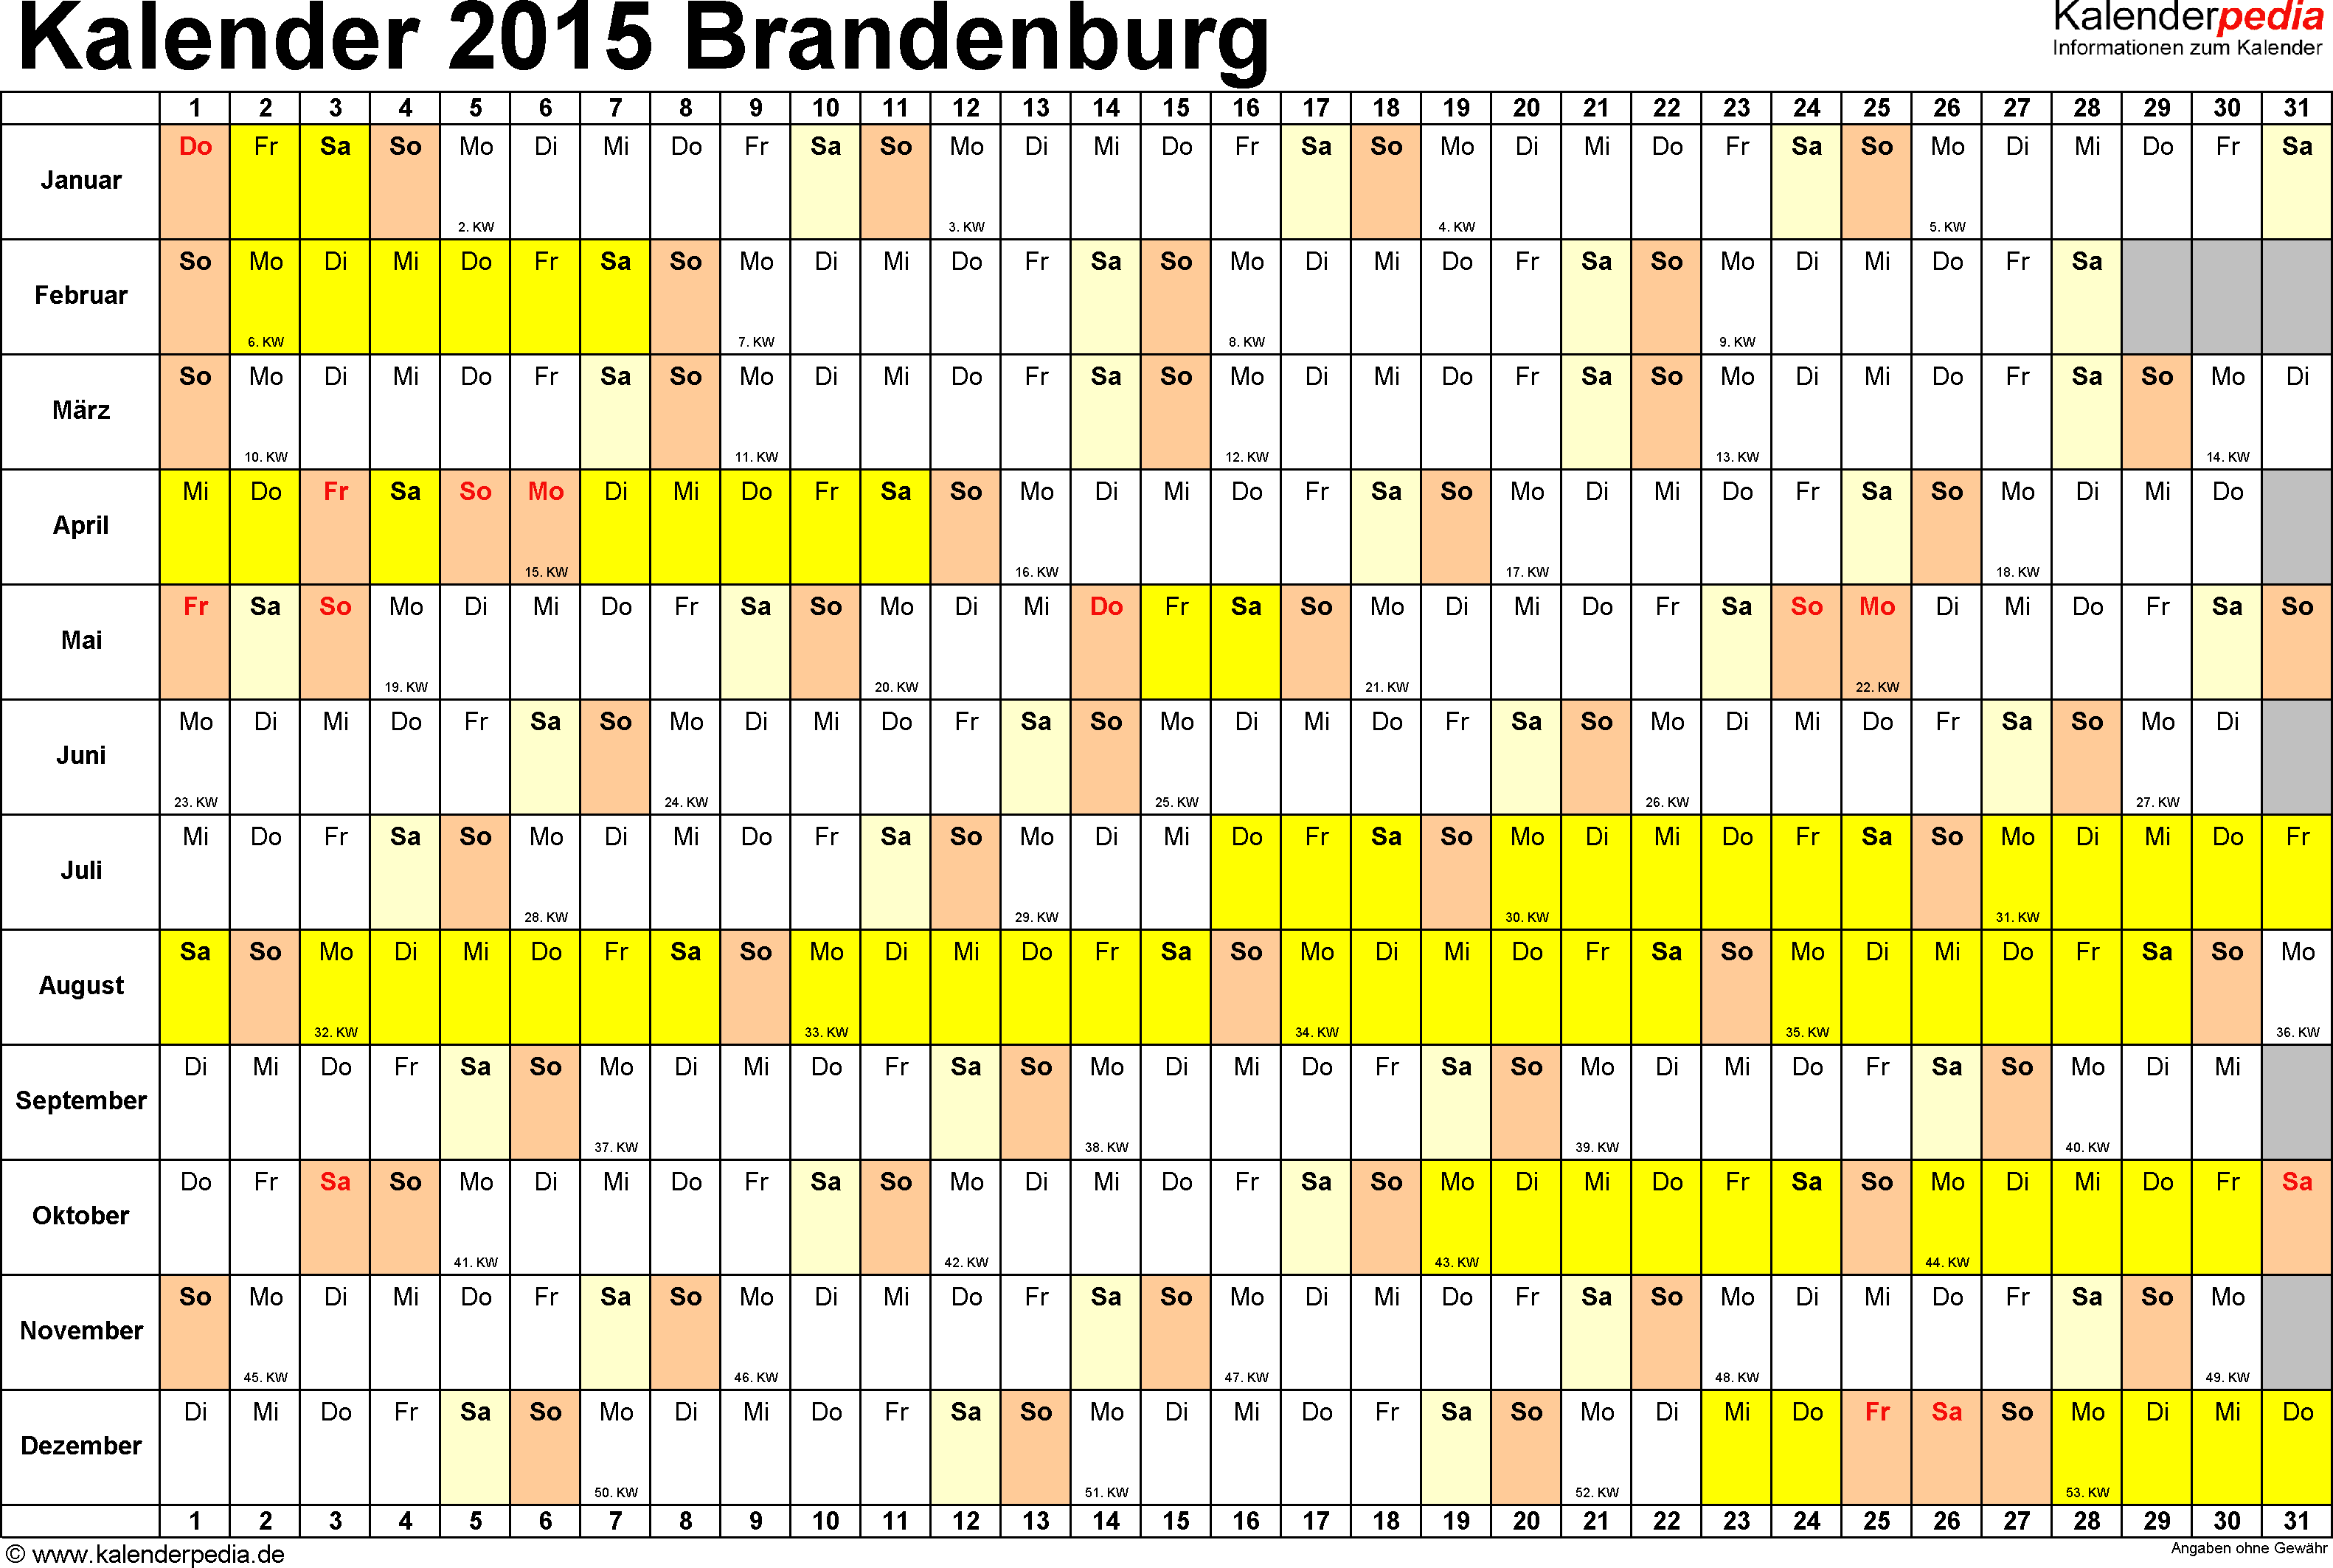 Vorlage 3: Kalender Brandenburg 2015 im Querformat, Tage nebeneinander